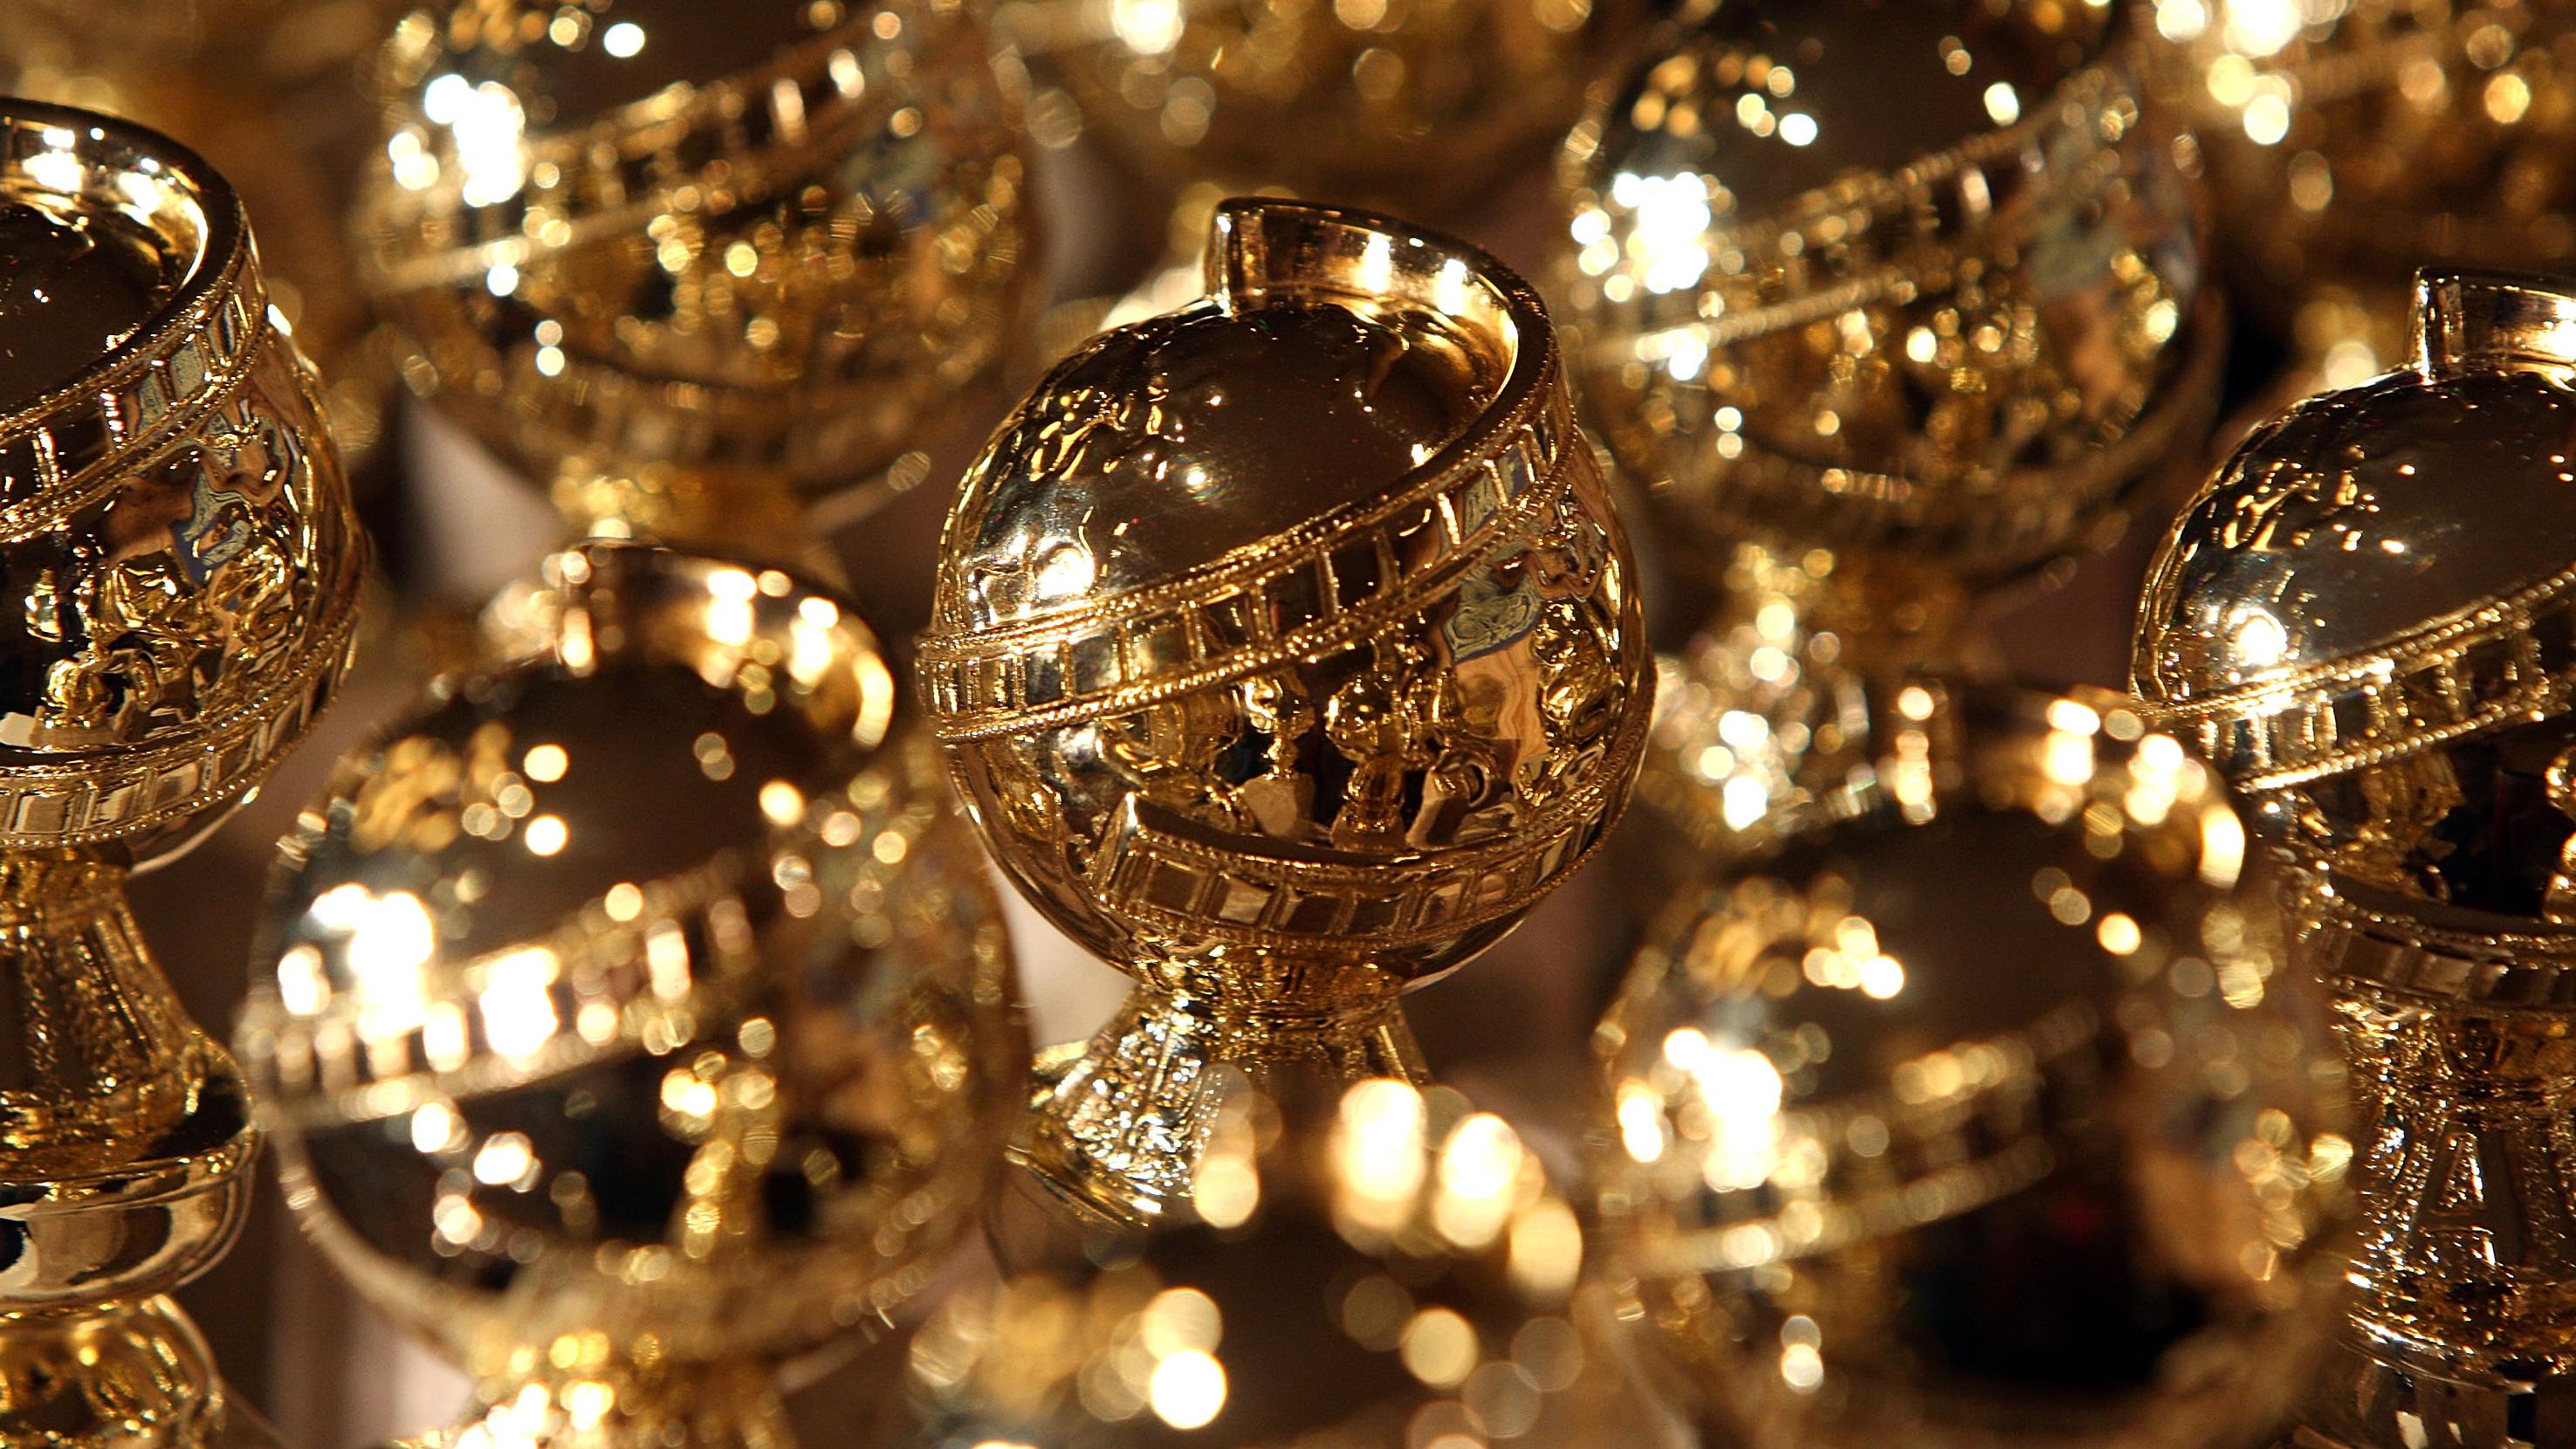 Скандал с «Золотым глобусом». Почему Том Круз вернул награды, а Netflix отказался сотрудничать с премией?